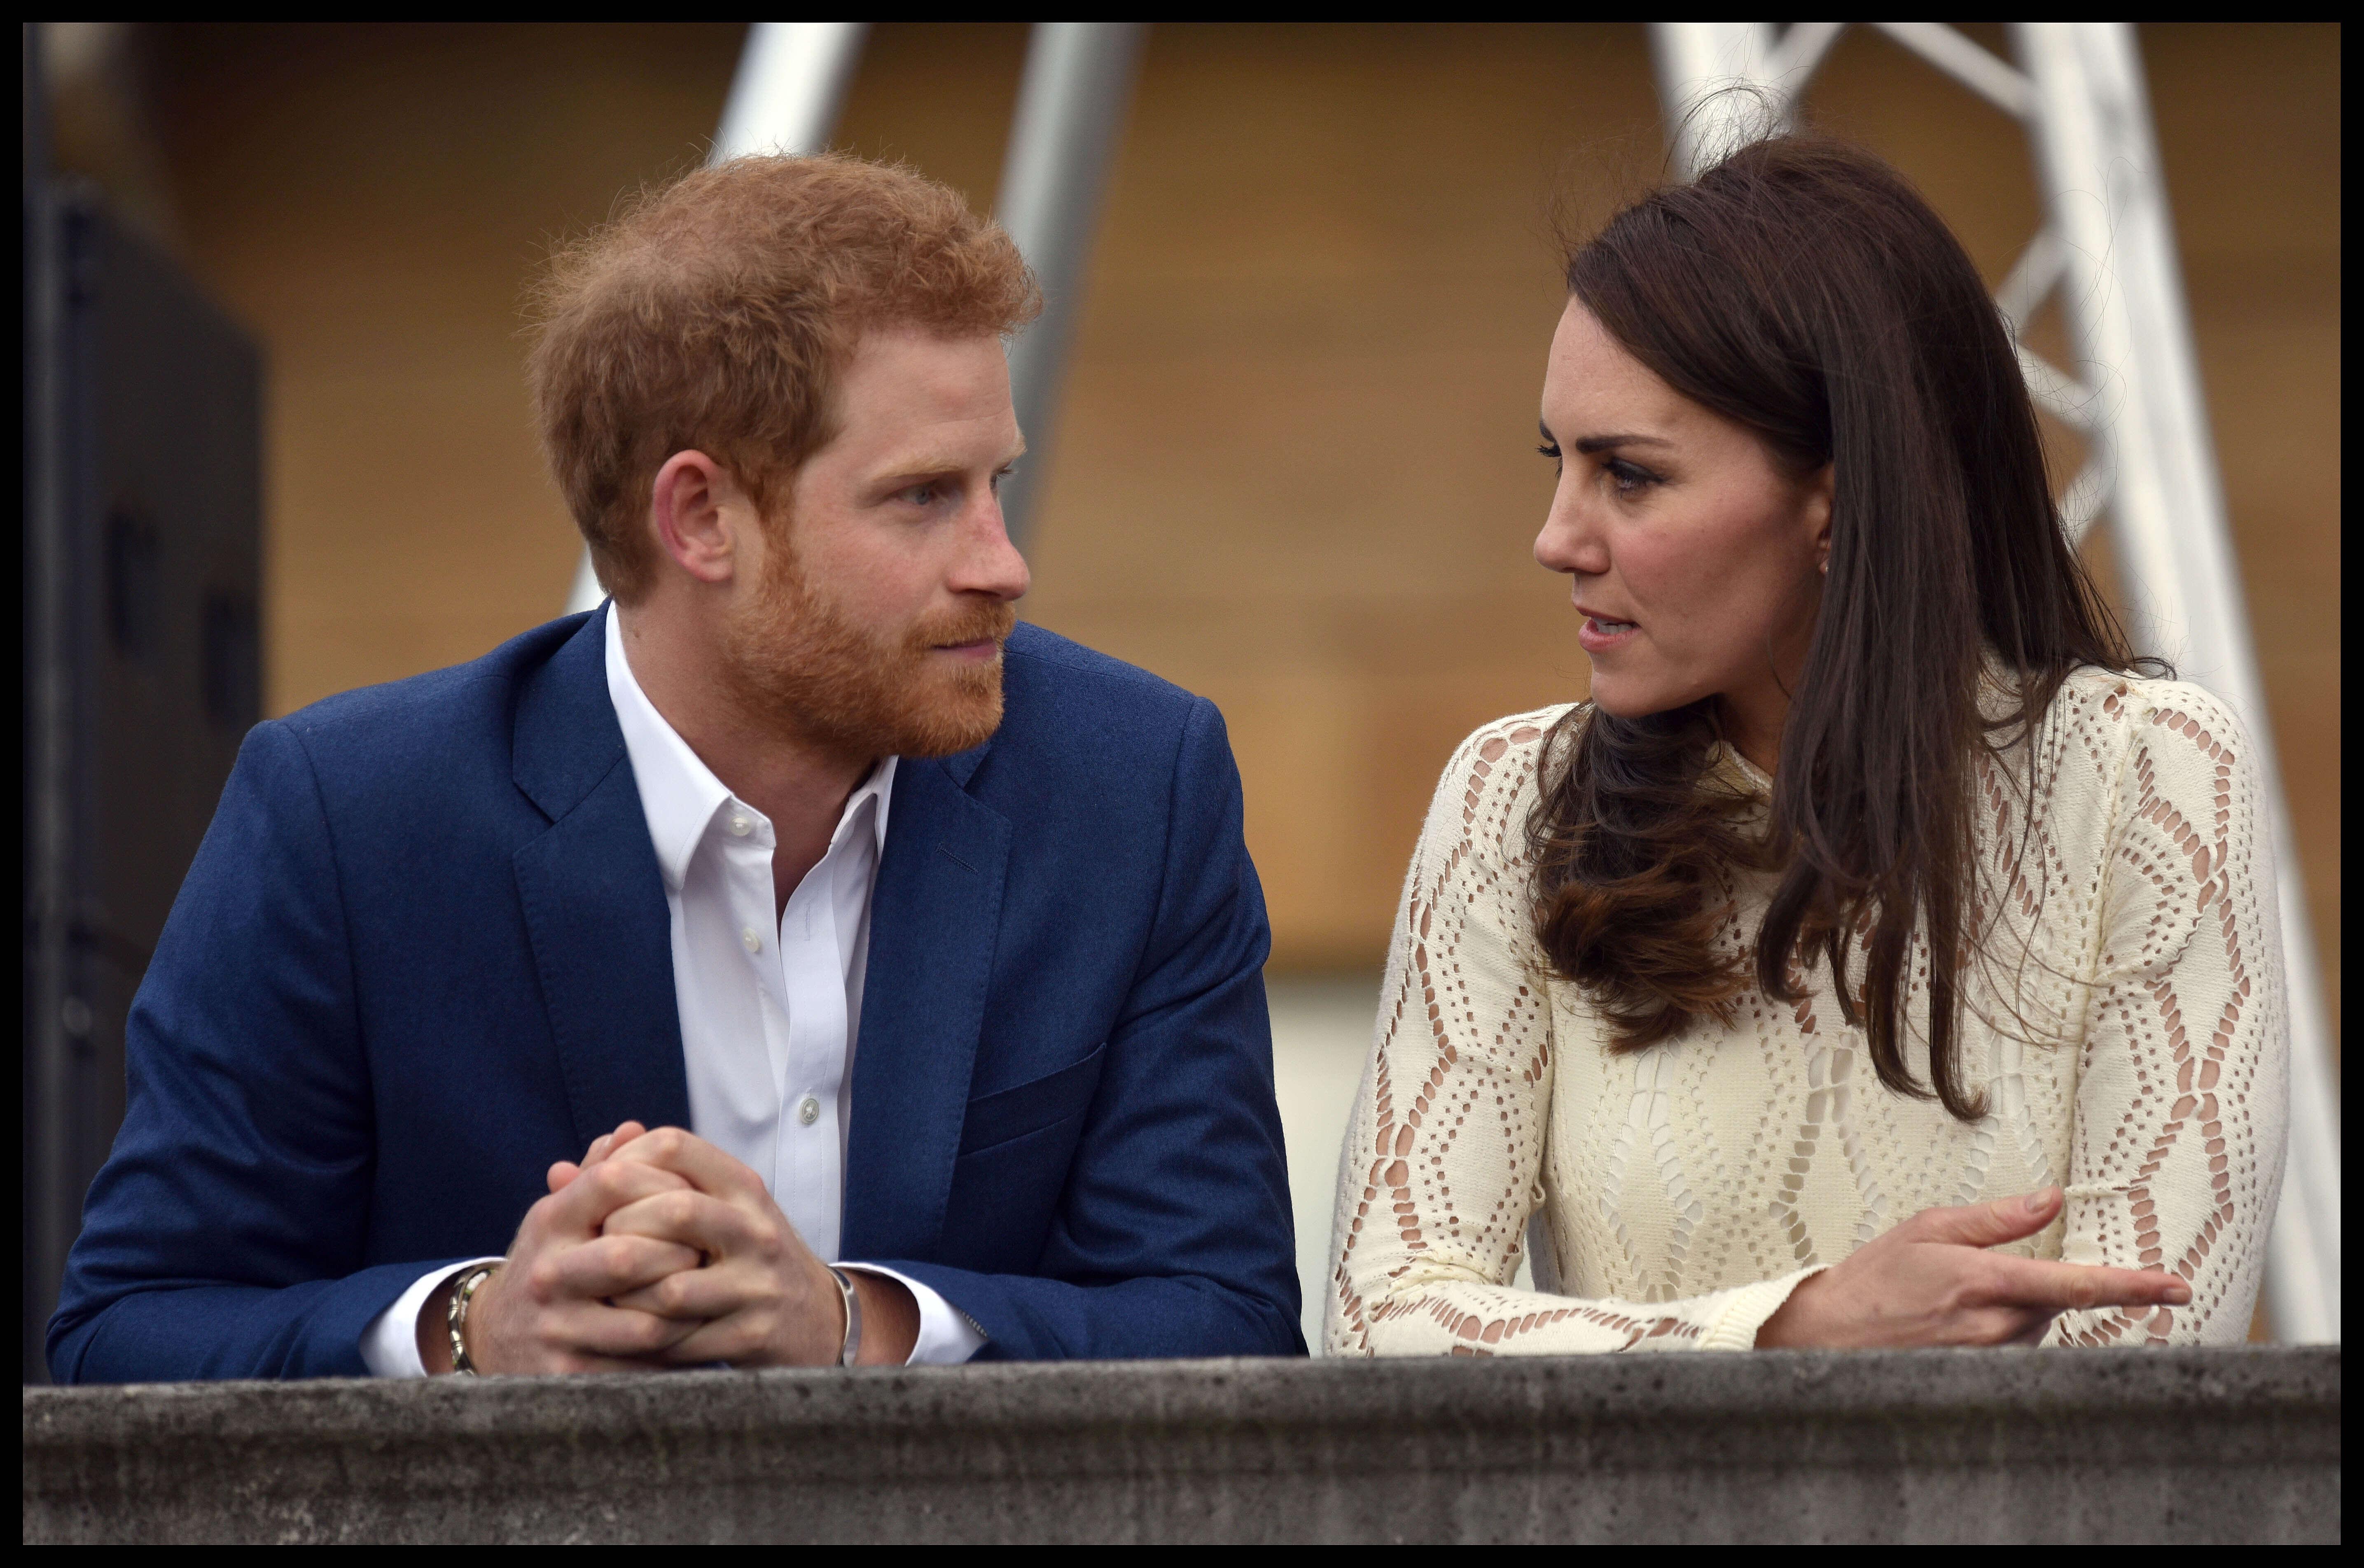 Liebte Prinz Harry einst Herzogin Kate?